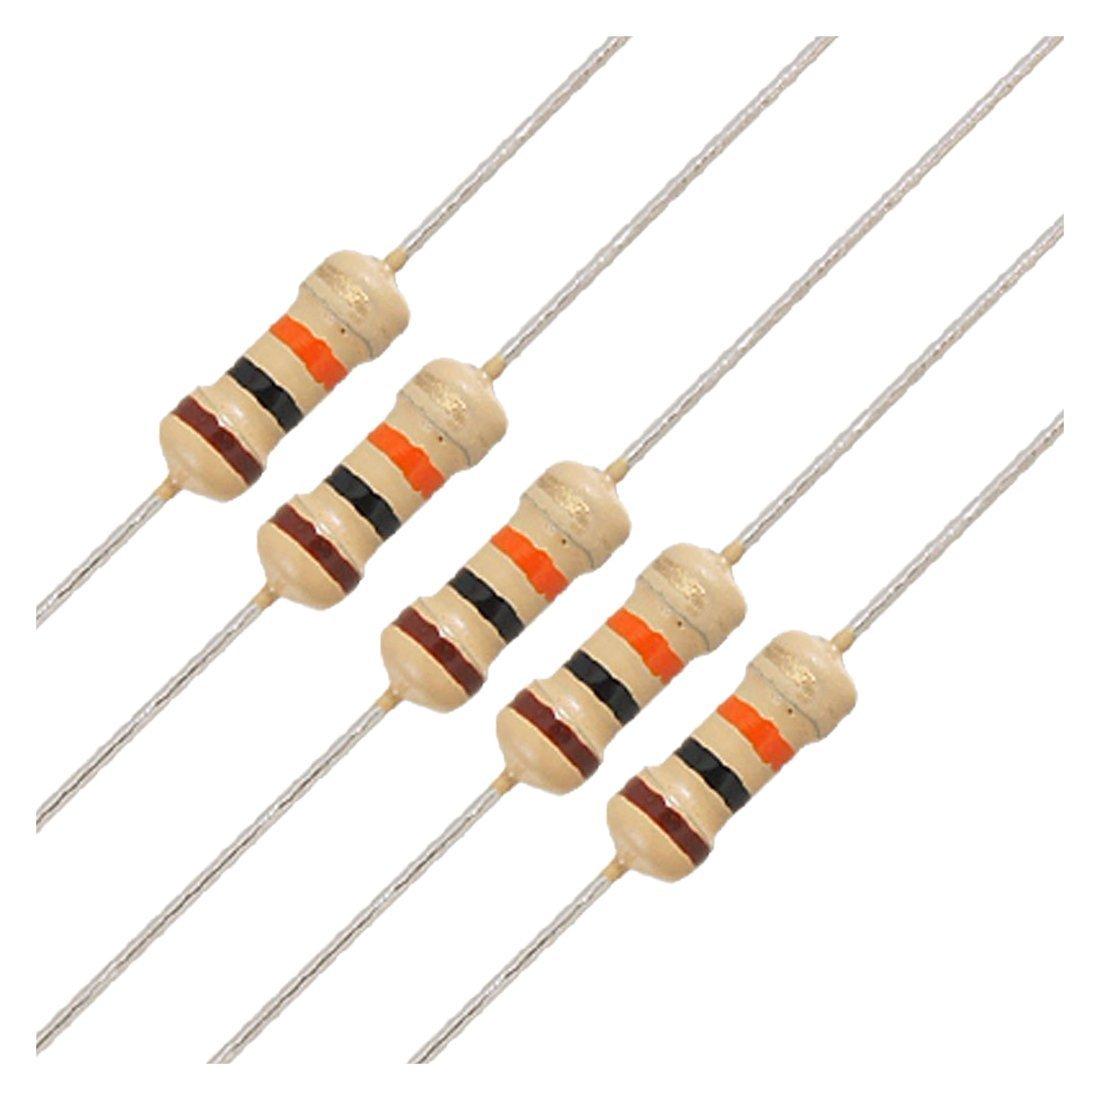 Resistores de pelicula de carbon 100 x 1 // 4W 250V 10K Ohm Resistores de pelicula de carbon de plomo axial TOOGOO R